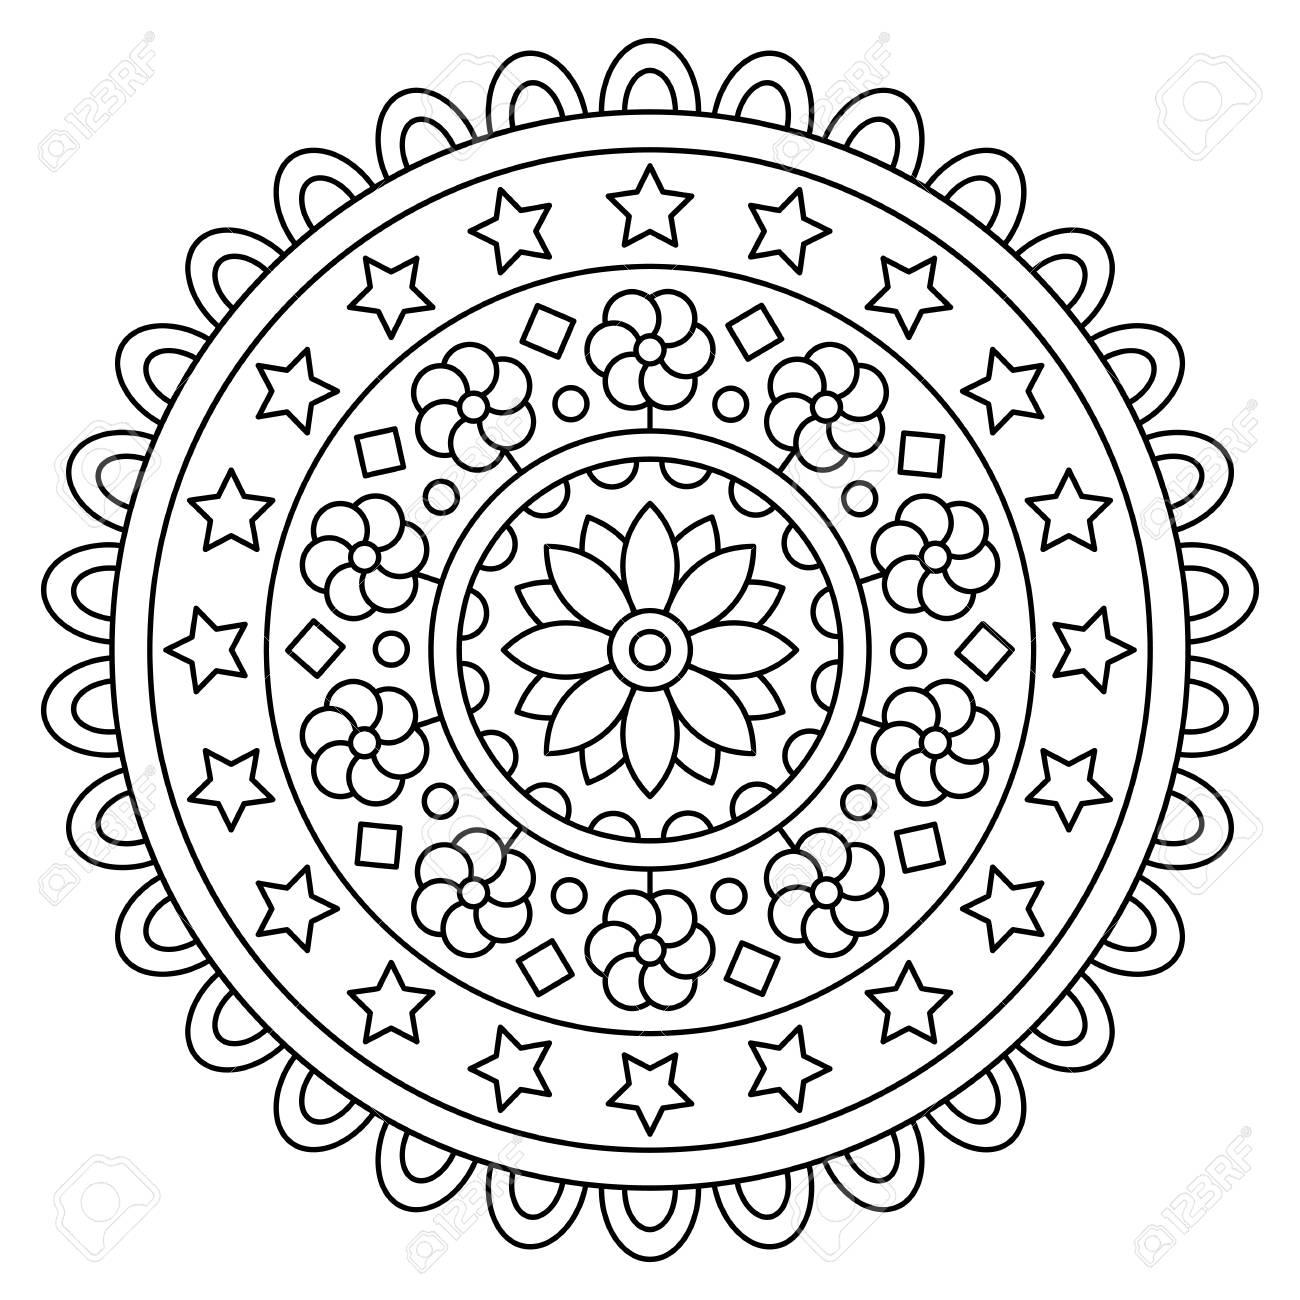 Mandala Dibujo Para Colorear Ilustracion Del Vector Fotos